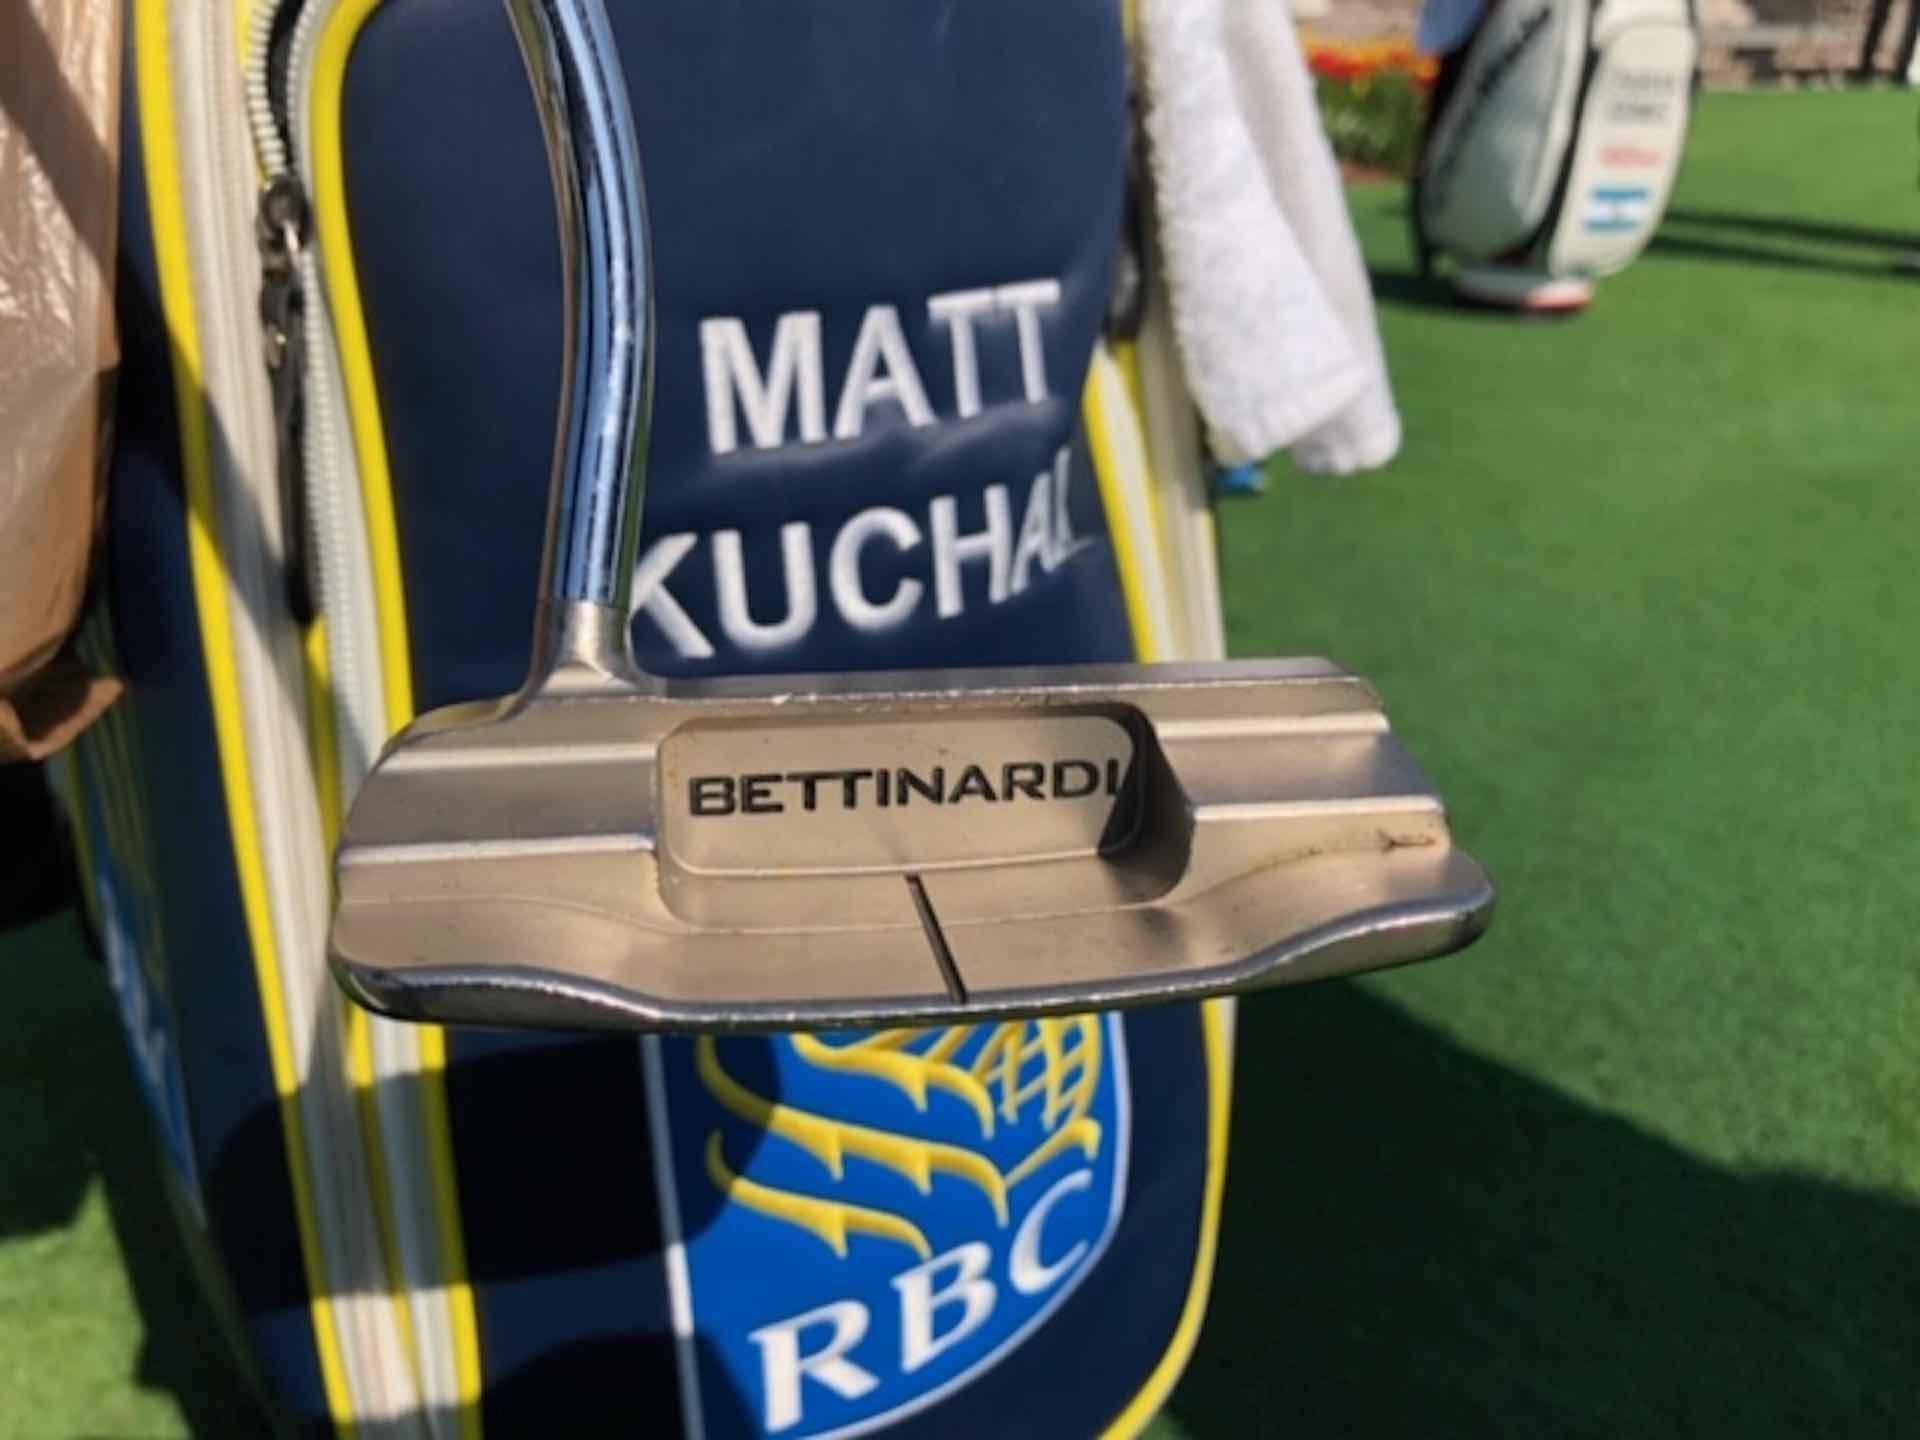 Kuchar's faith in his Bettinardi putter pays off